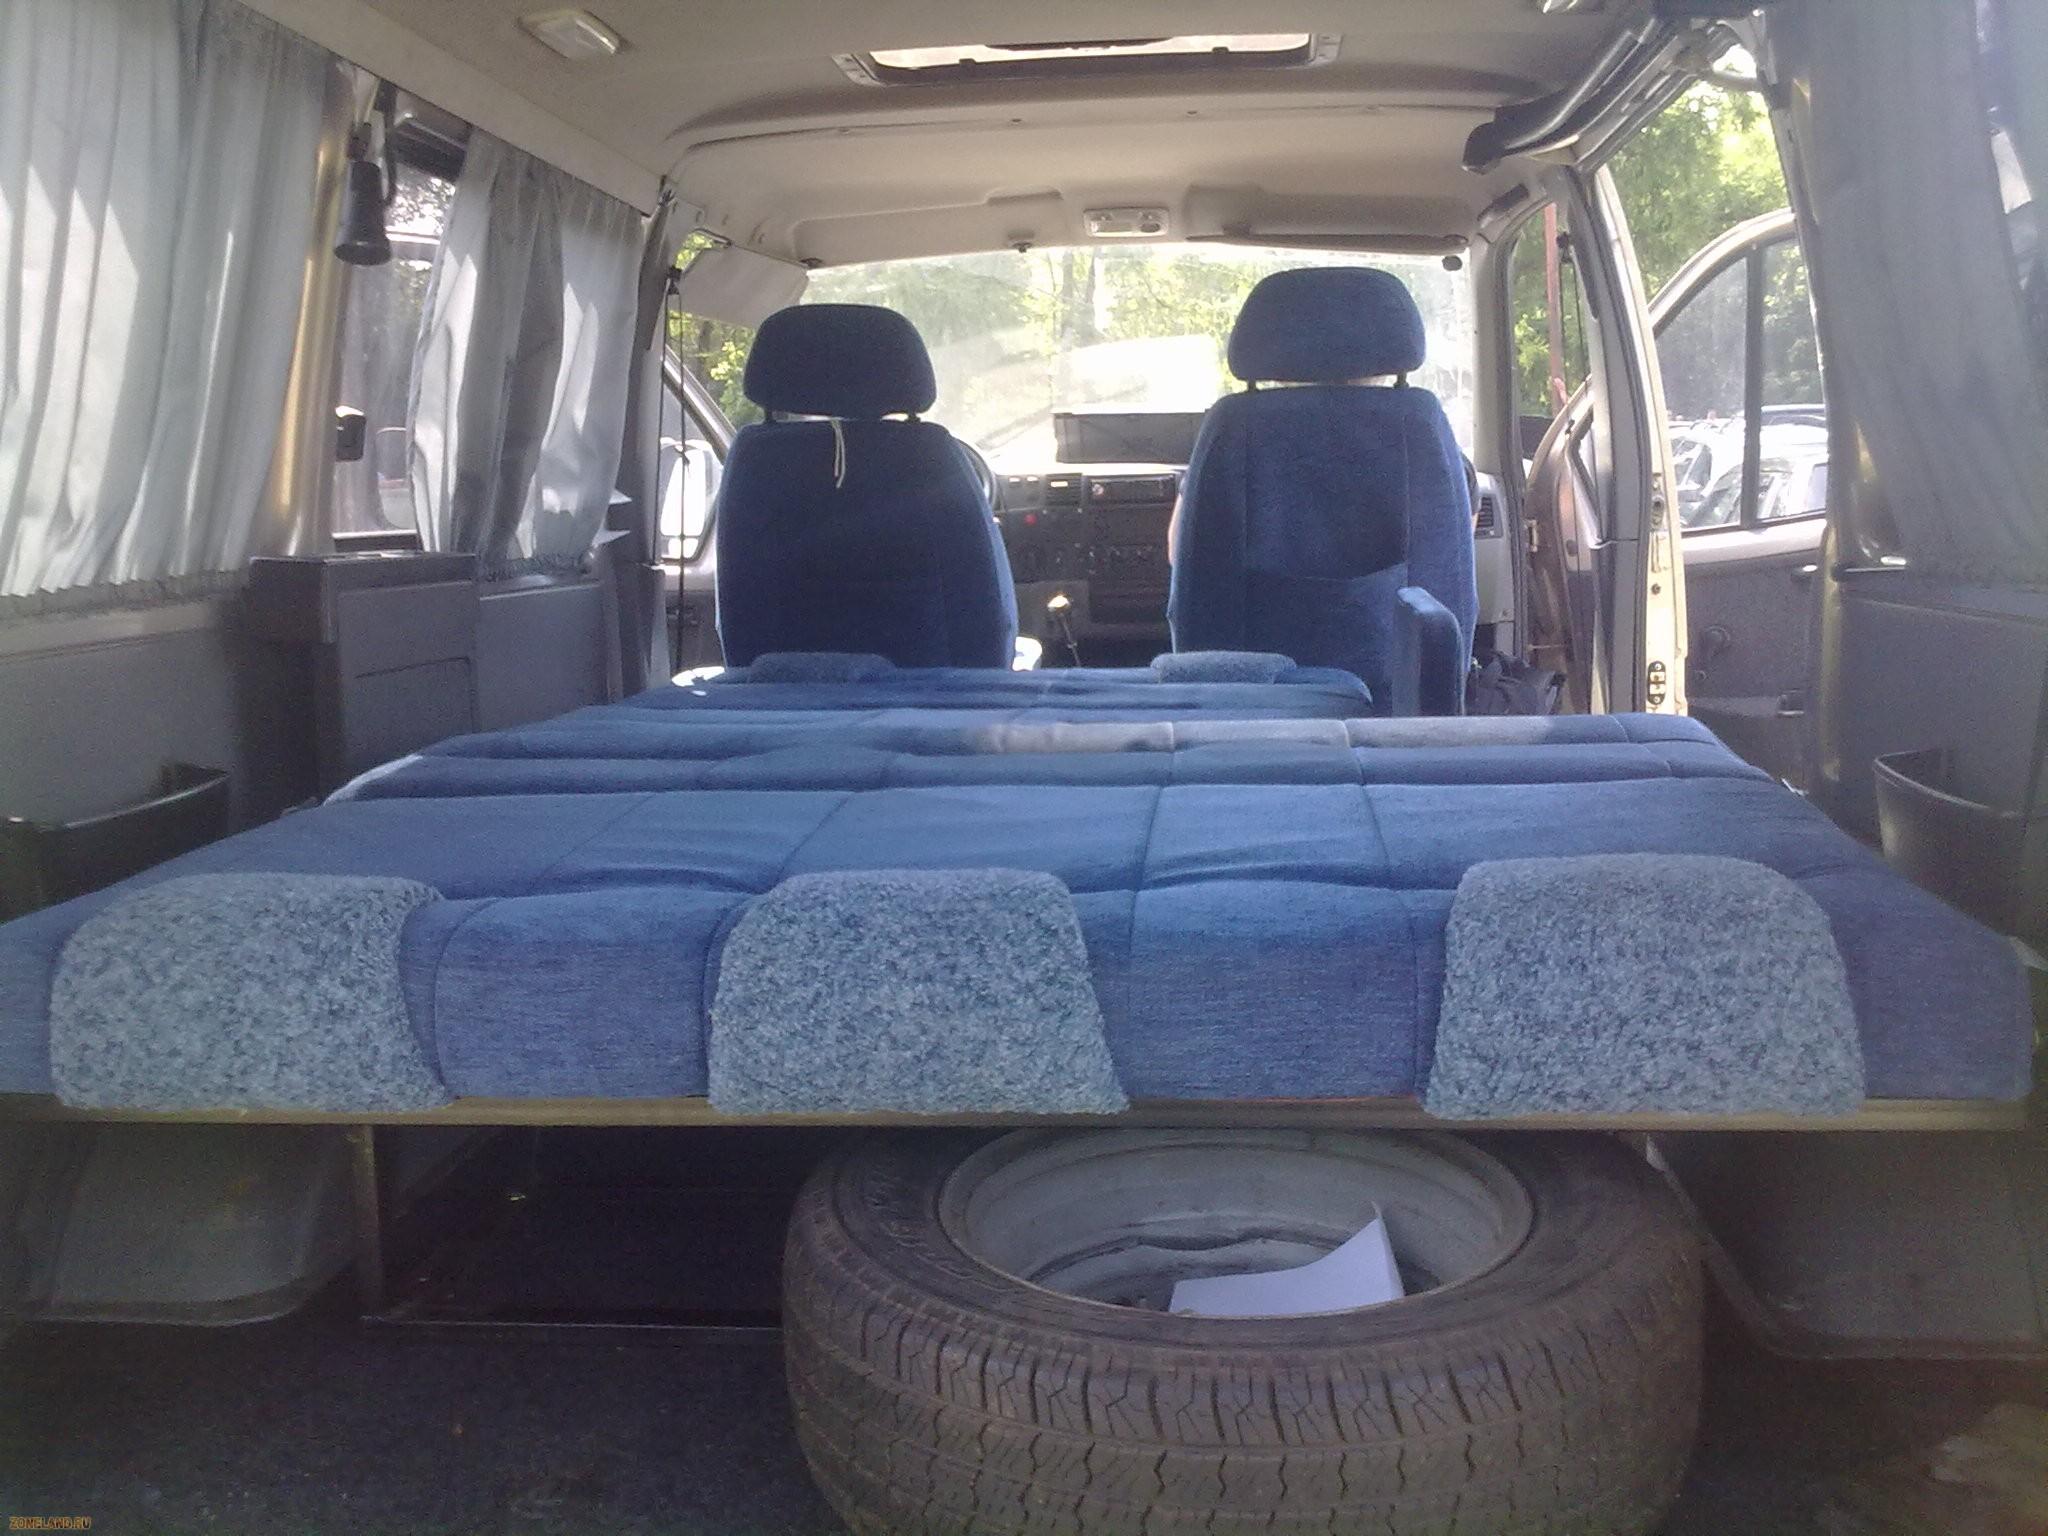 Раскладной диван. Часть 1. Клик-кляк. бортжурнал ГАЗ 90